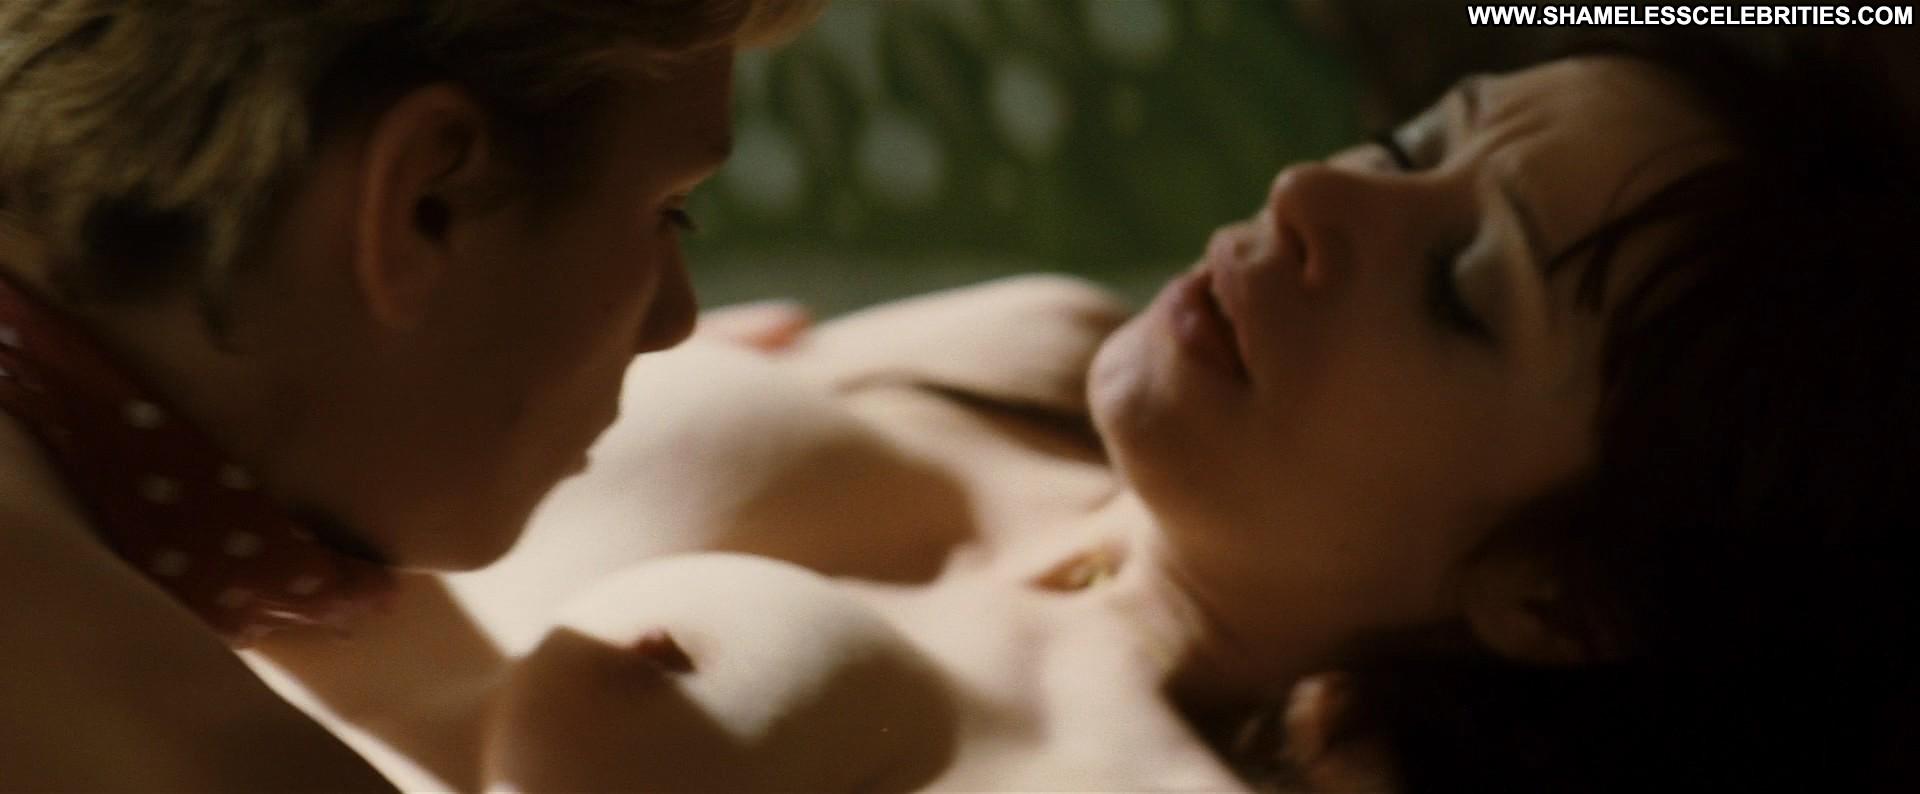 celebrities in sex scenes